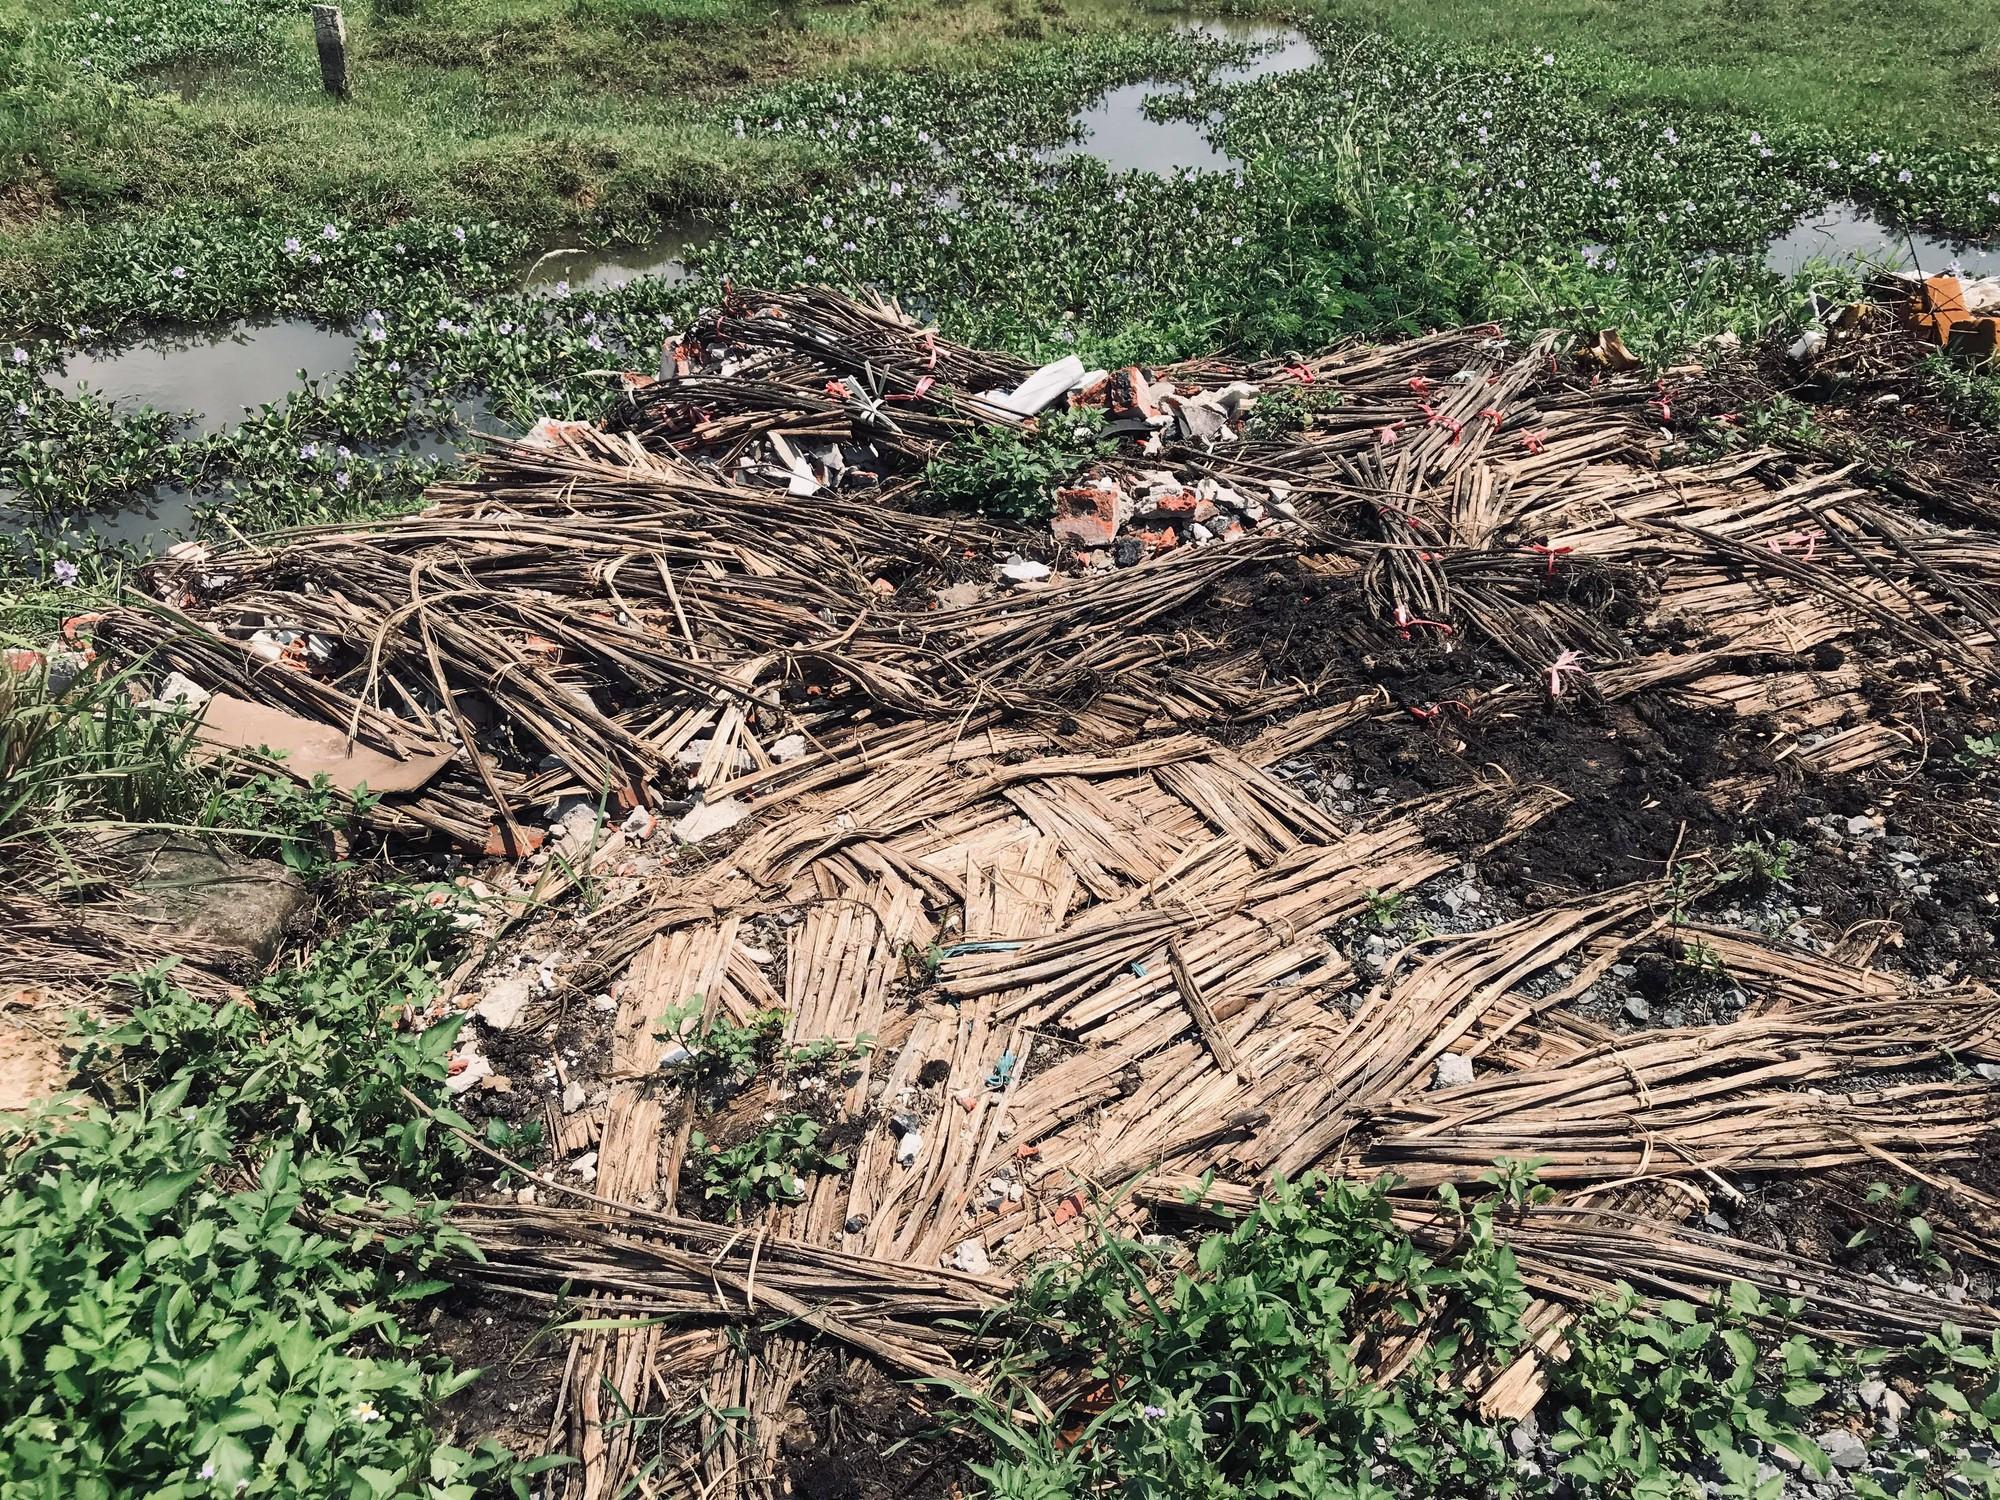 Hàng nghìn tỉ đồng bị chôn vùi tại khu đô thị bỏ hoang Minh Giang Đầm Và - Ảnh 21.